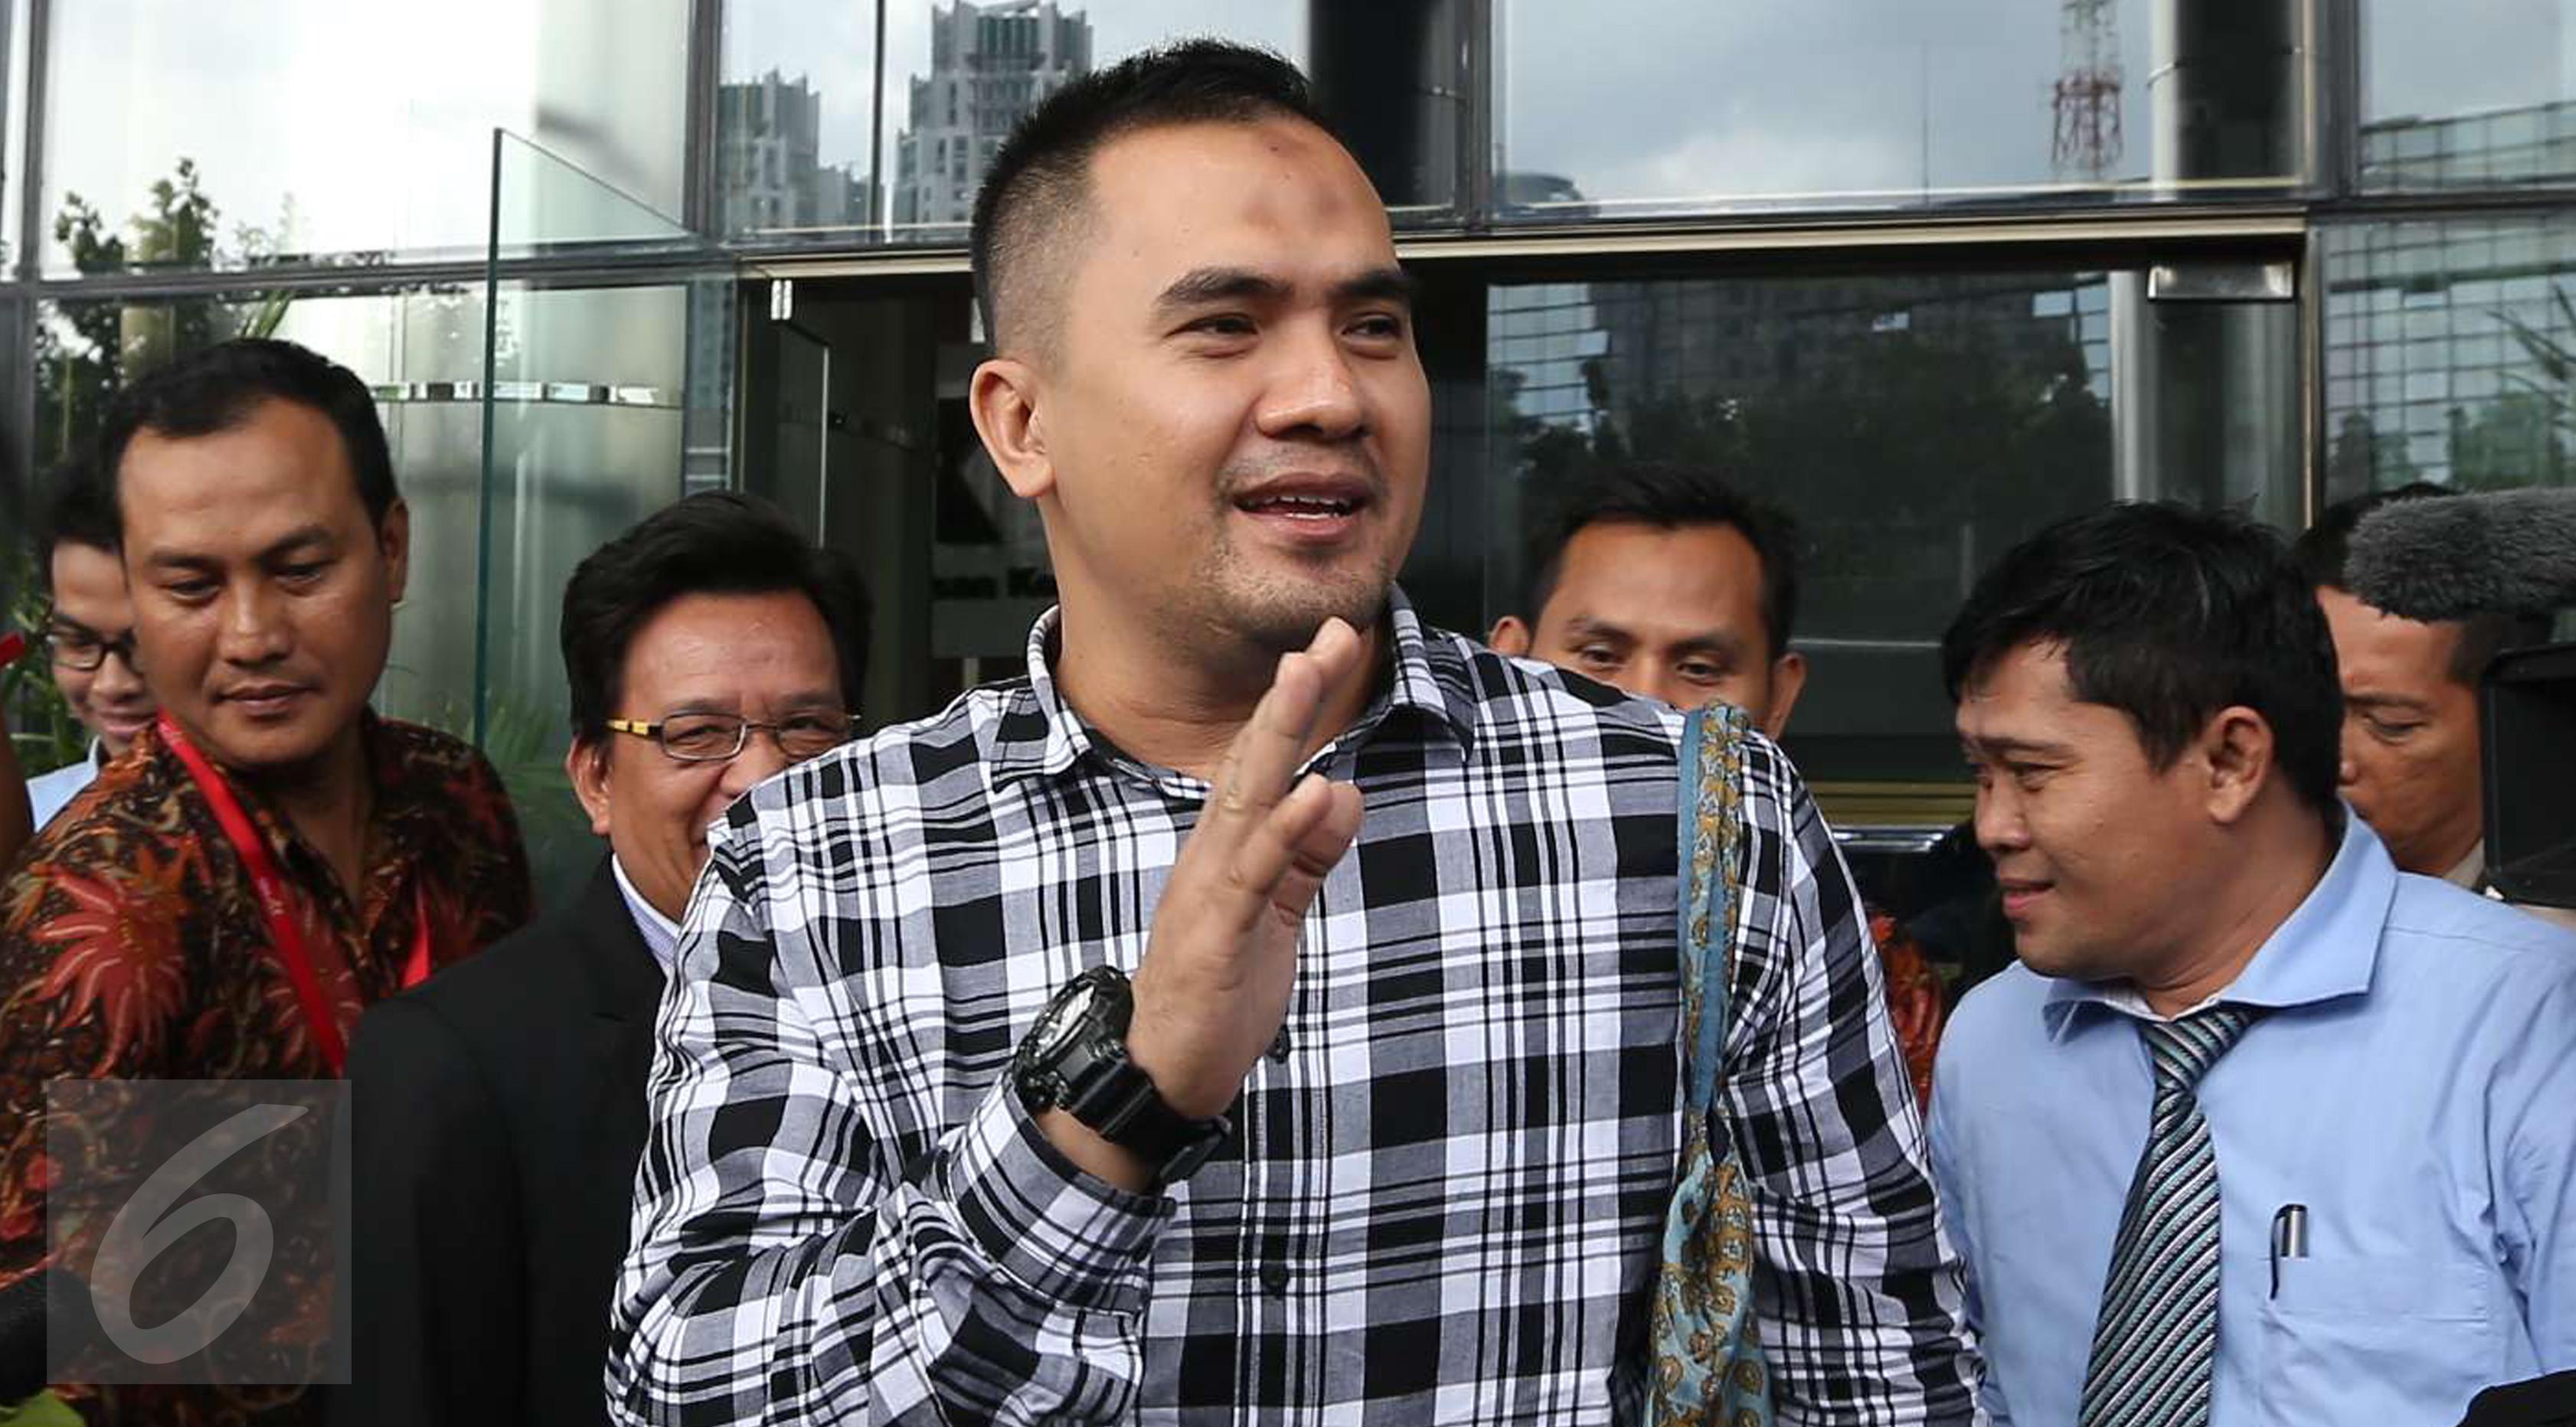 Pedangdut Saipul Jamil usai menjalani pemeriksaan di Gedung KPK, Jakarta, Jumat (7/4) Bang Ipul dipanggil untuk diperiksa sebagai tersangka suap kepada mantan Panitera Pengadilan Negeri Jakarta Utara, Rohadi. (Liputan6.com/Helmi Afandi)